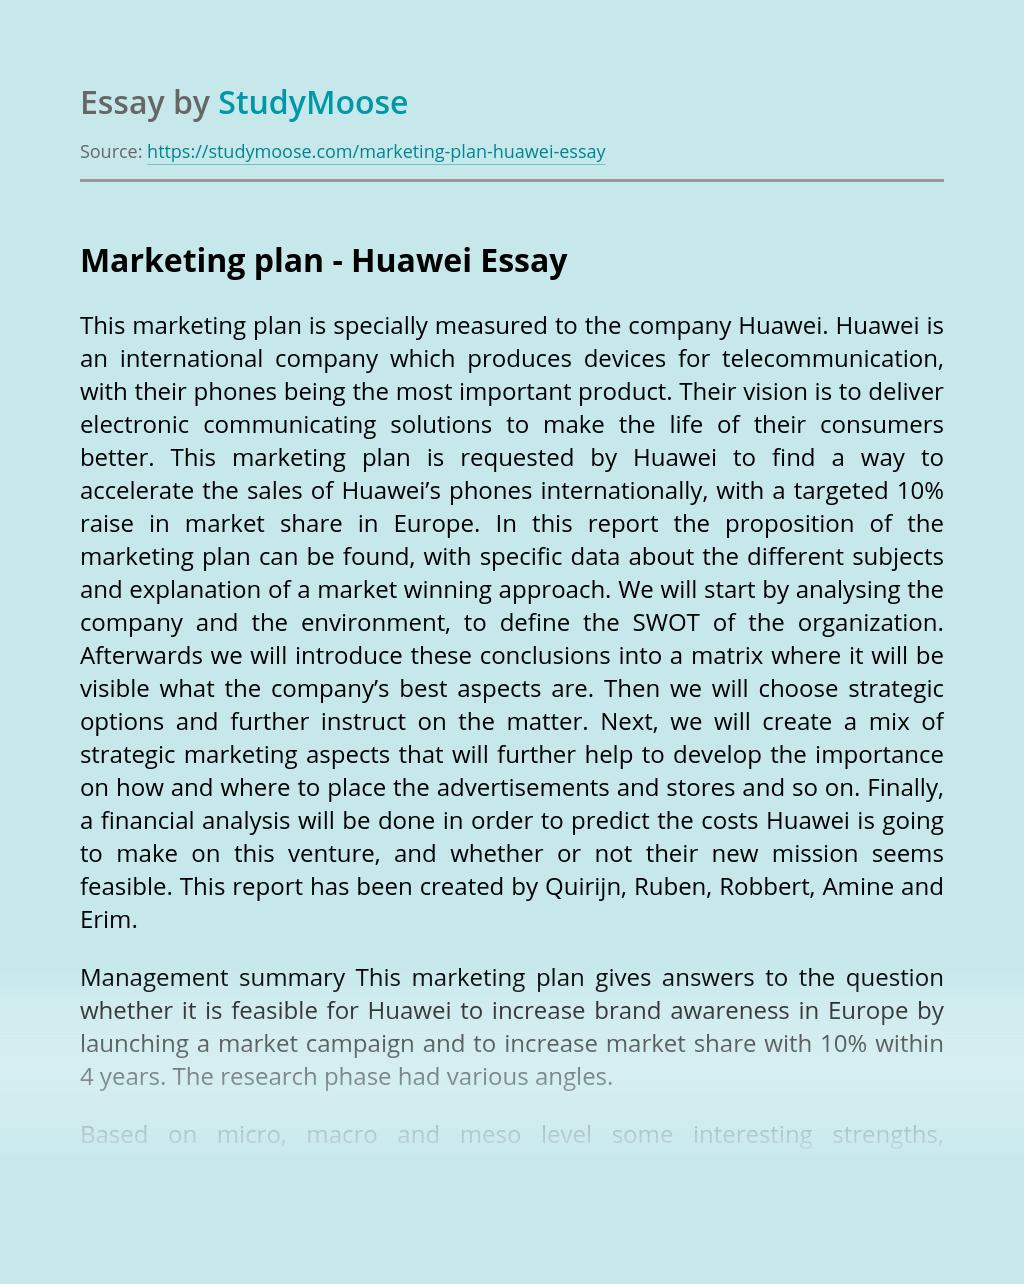 Marketing plan - Huawei